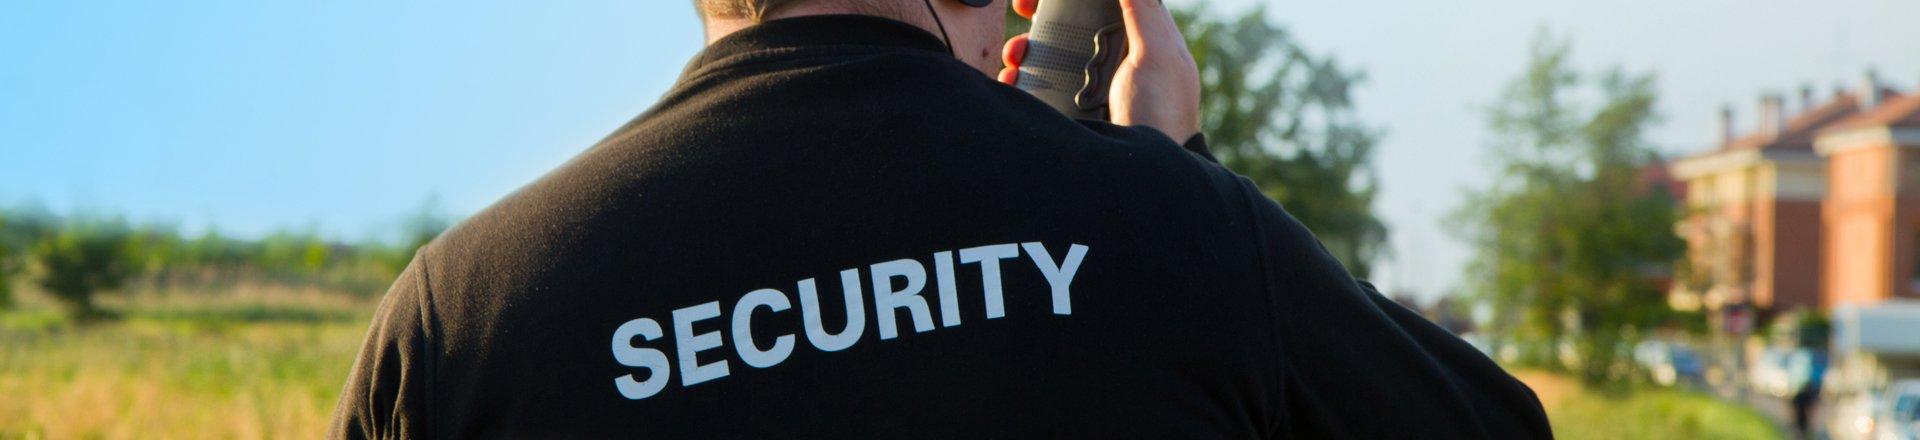 Υπηρεσίες Ασφαλείας